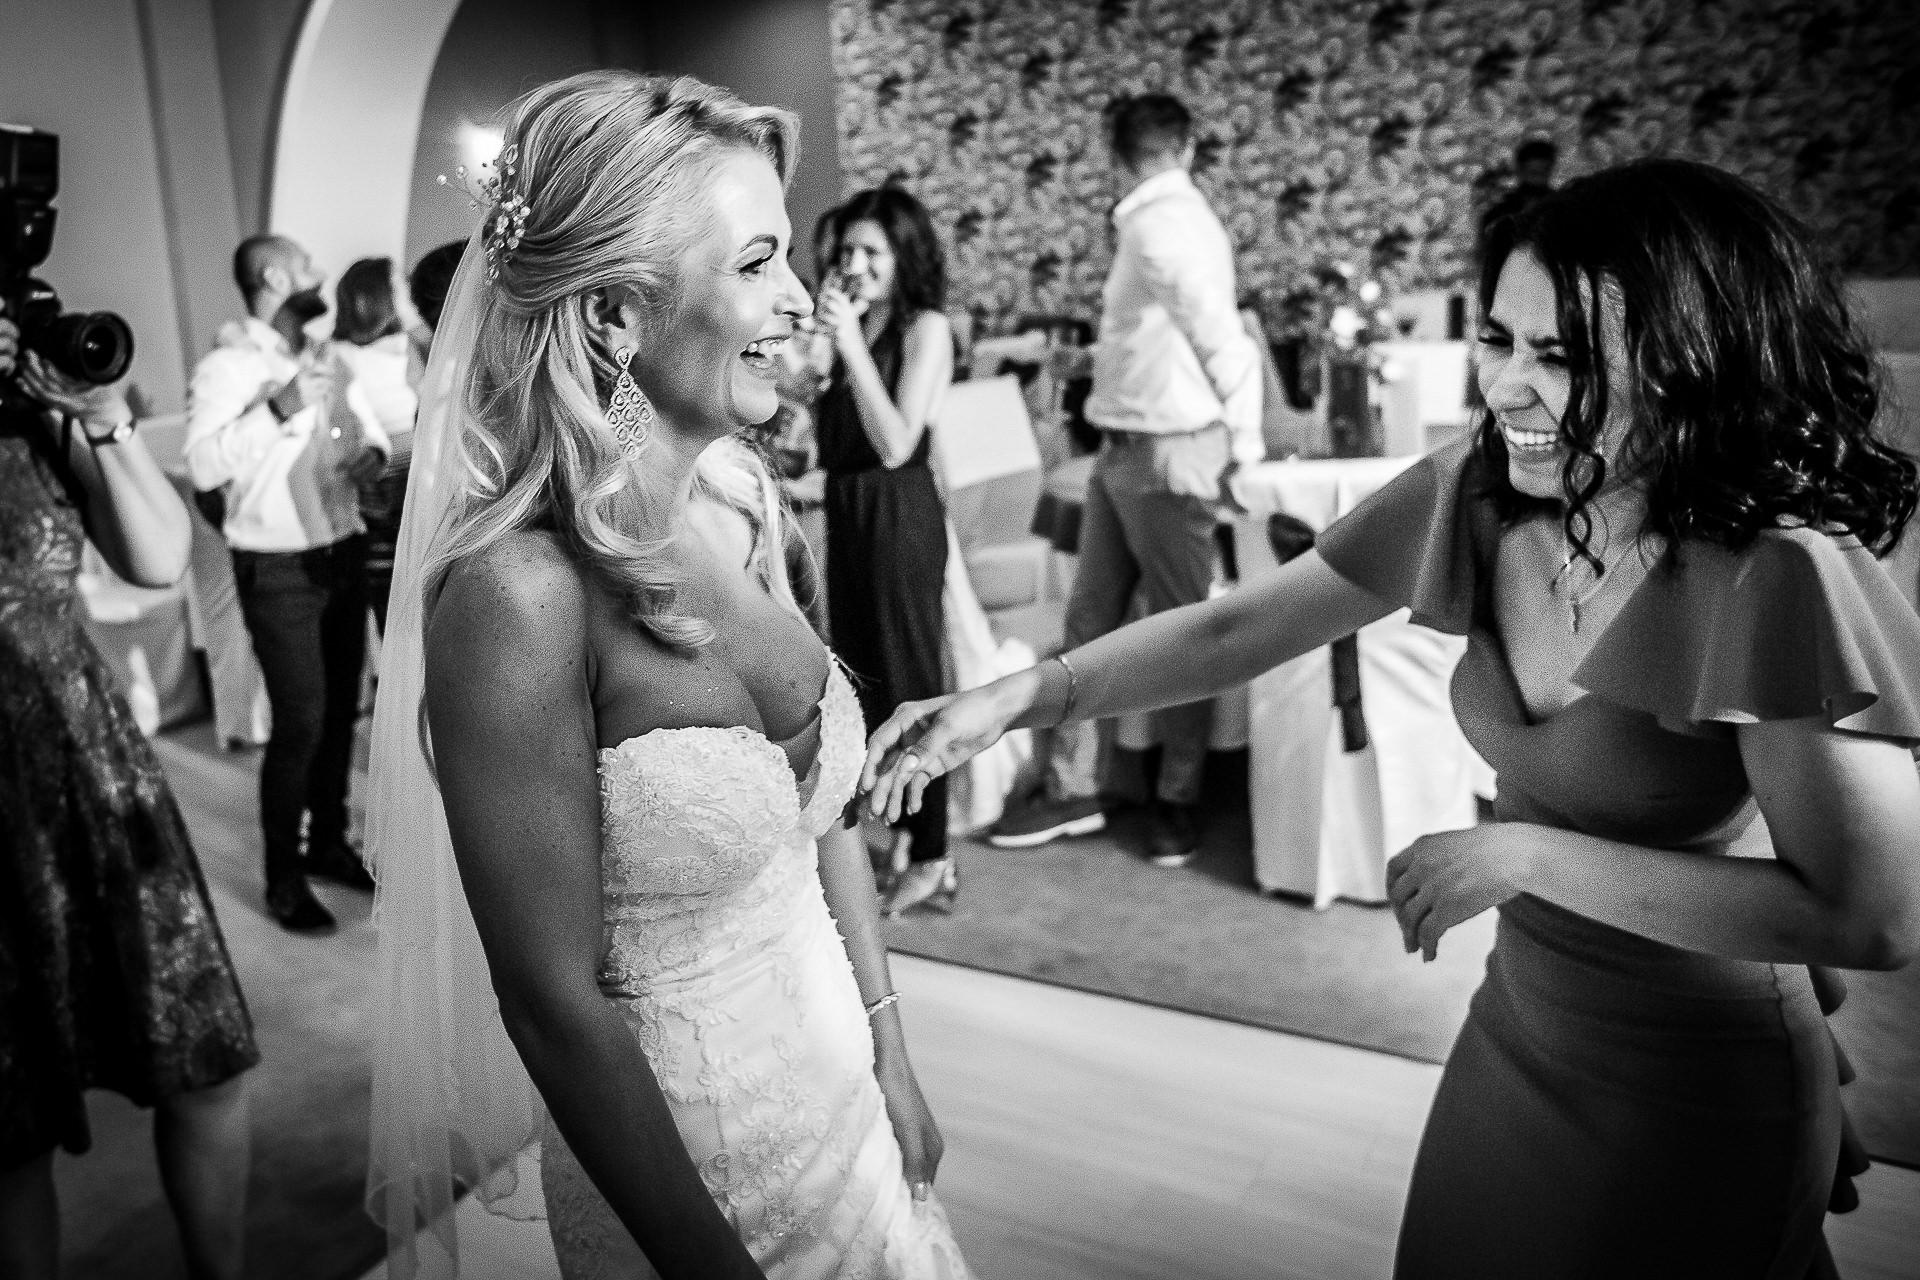 Fotograf nuntă Bucureşti - Biserica Militara Sfântul Mina + Metropolitan Club and Events - Marinela şi Pasquale - Mihai Zaharia Photography - 92